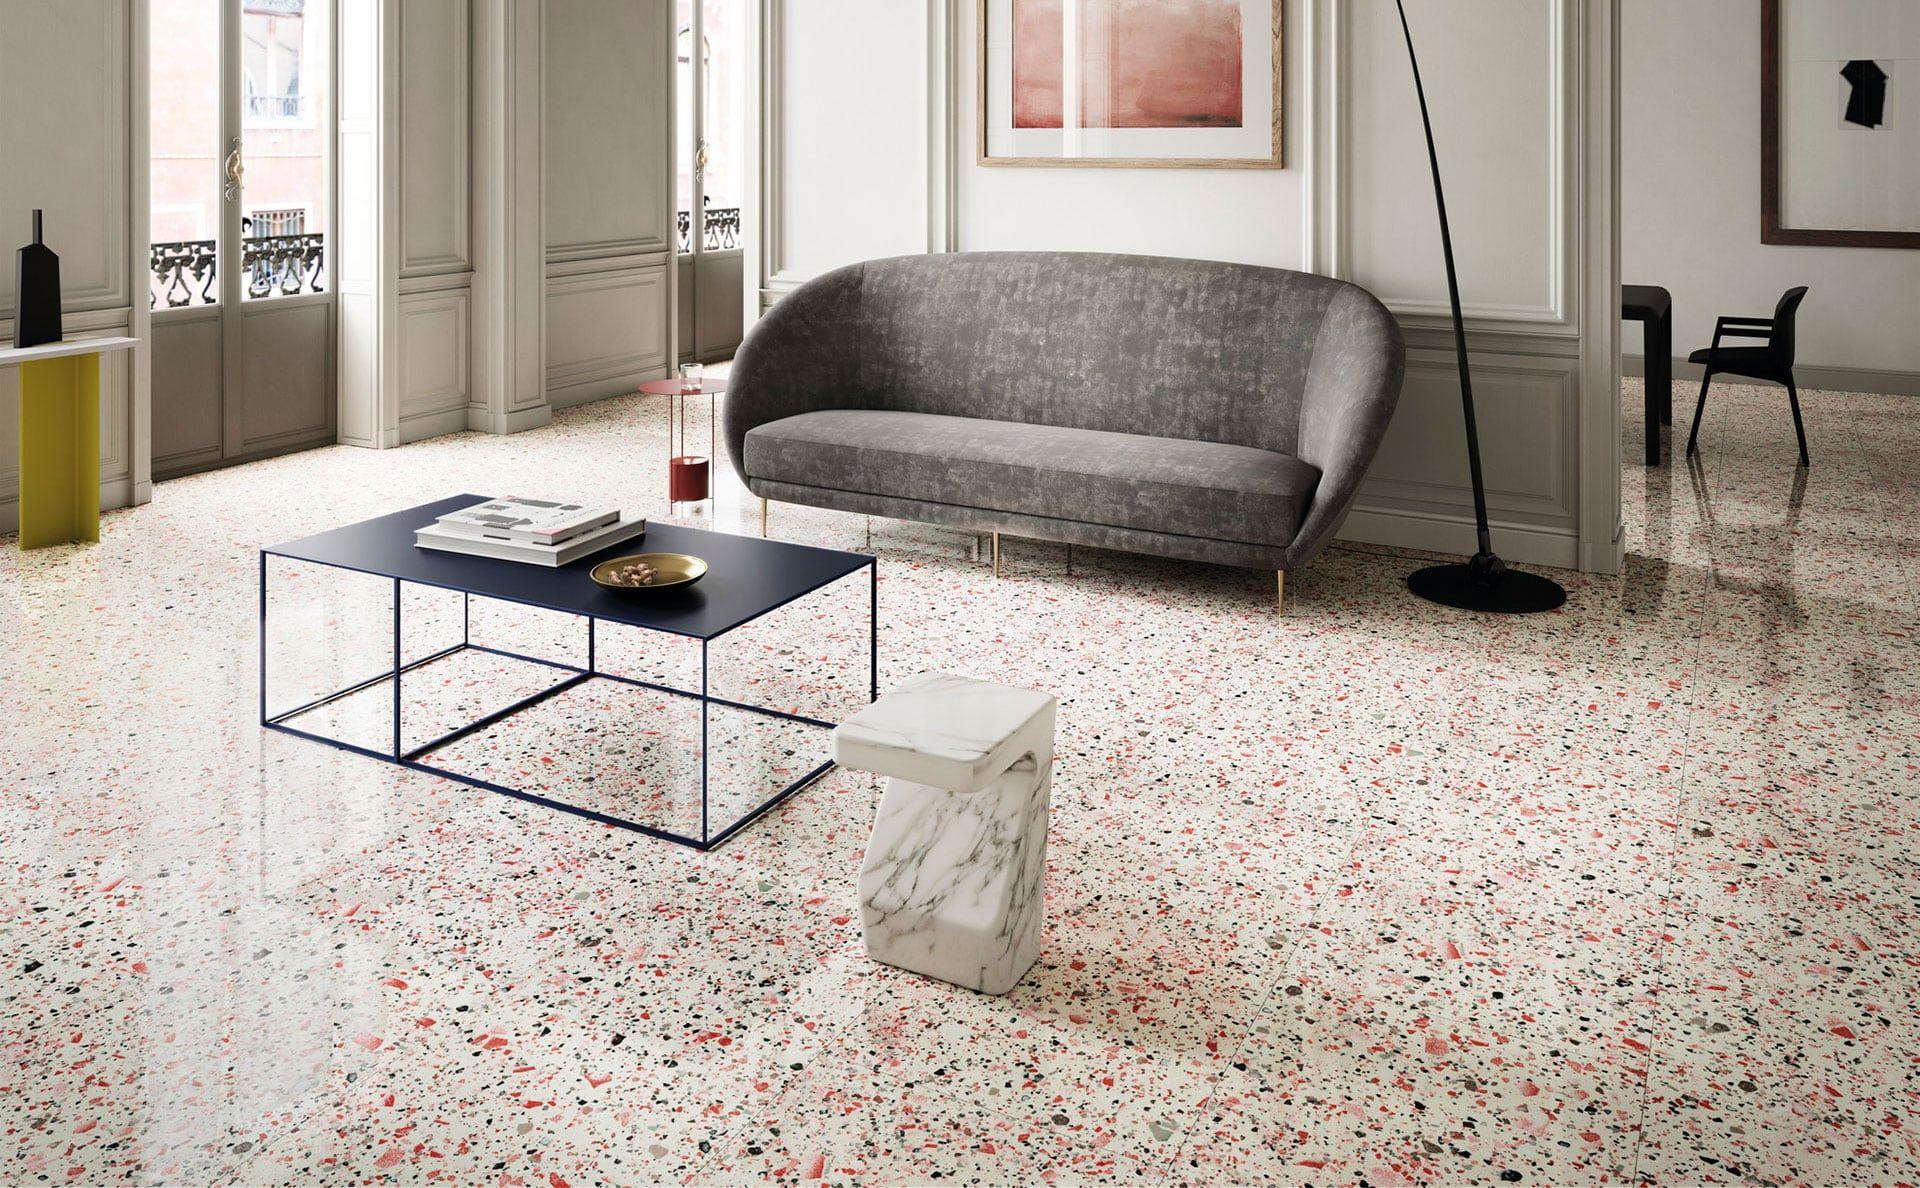 Piastrelle Seminato Alla Veneziana pavimenti gres porcellanato terrazzo veneziano prezzo più